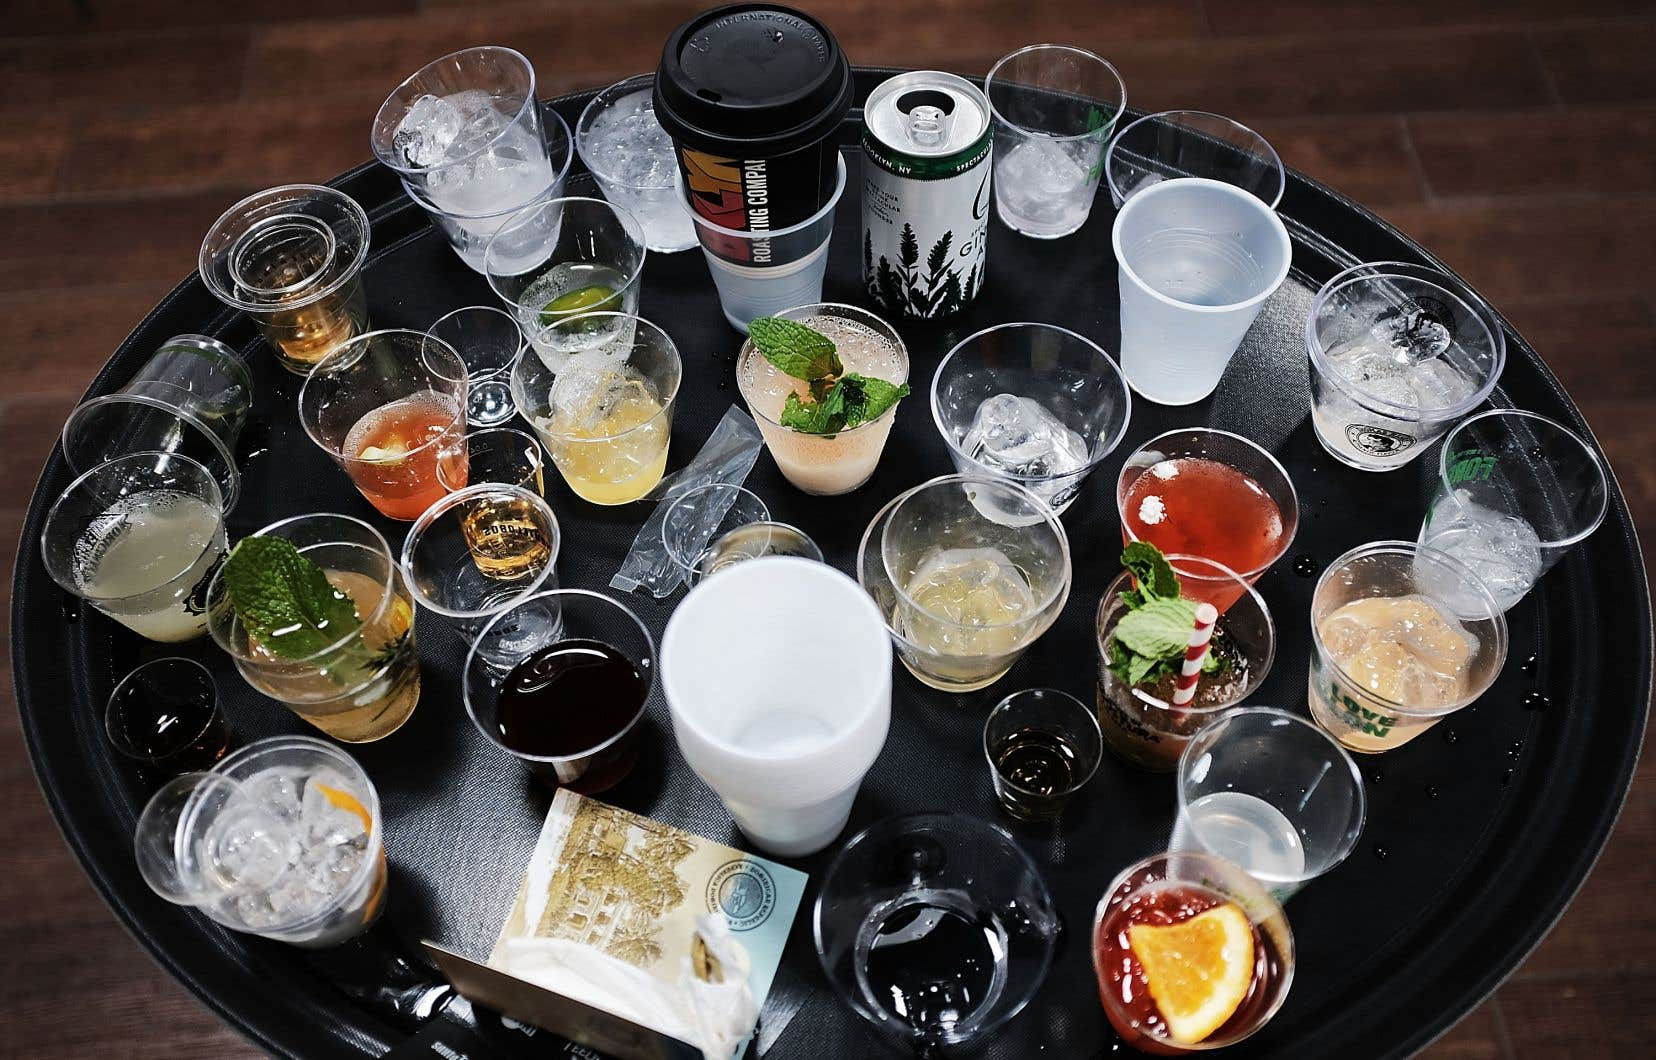 L'alcool reste un facteur de risque dans les maladies du cœur, du foie et du pancréas, en plus d'augmenter les risques de développer certains cancers, comme celui de la bouche, de l'œsophage, du larynx et du foie.